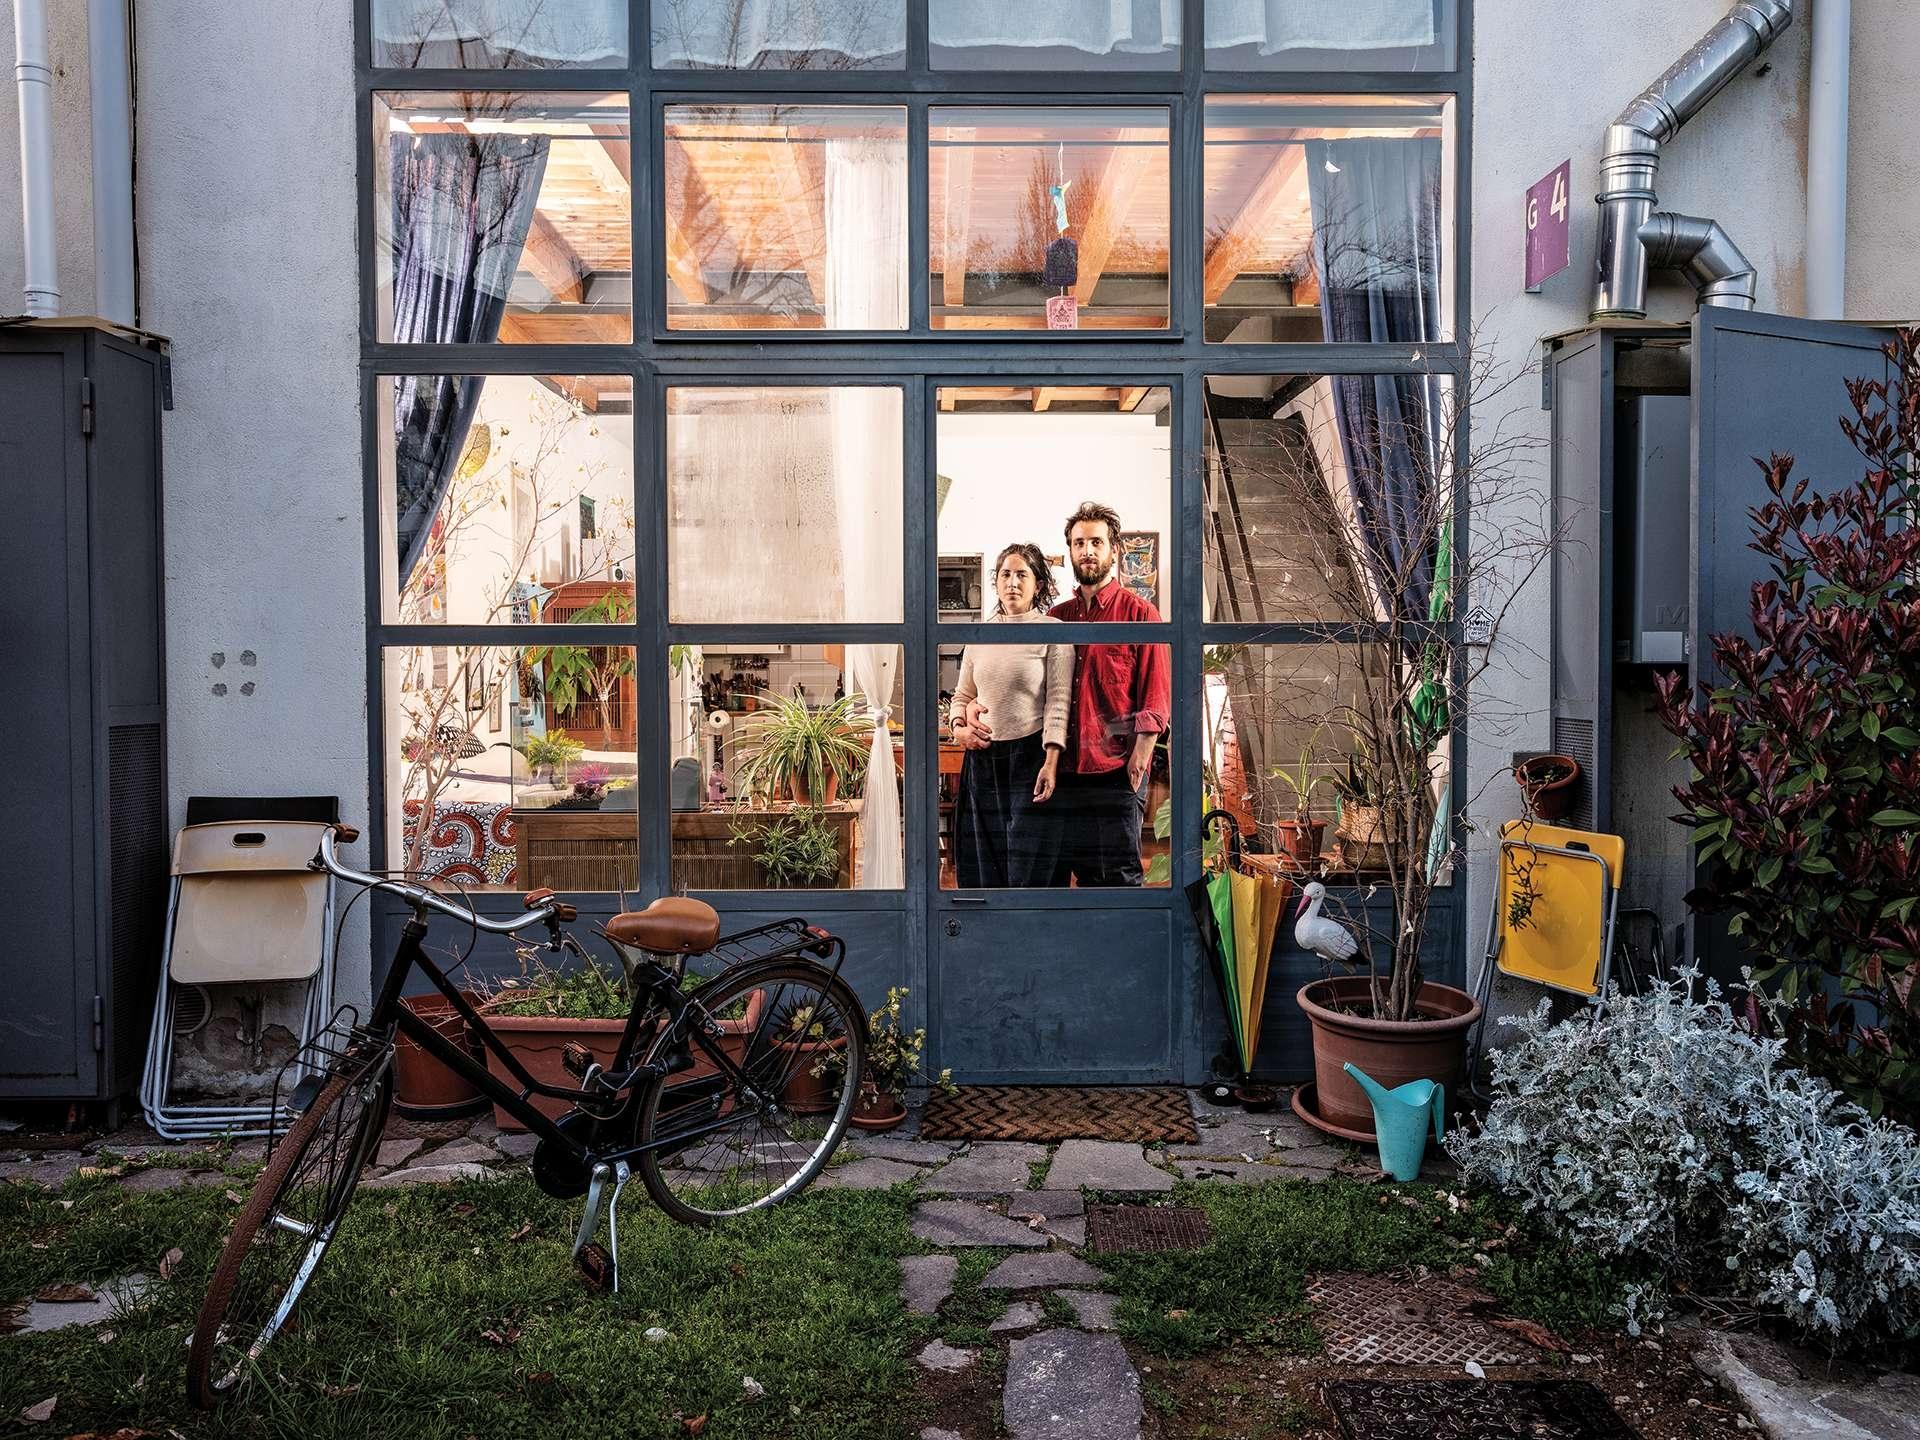 葛瑞塔.塔尼尼和克利斯多佛羅.利比通常並不住一起,但在這座被關閉的城市裡,他們選擇待在一起。「我們寧可繼續維持隔離生活,也不要冒險外出或危及別人的健康。」塔尼尼說。攝影:加布里爾.卡林伯迪